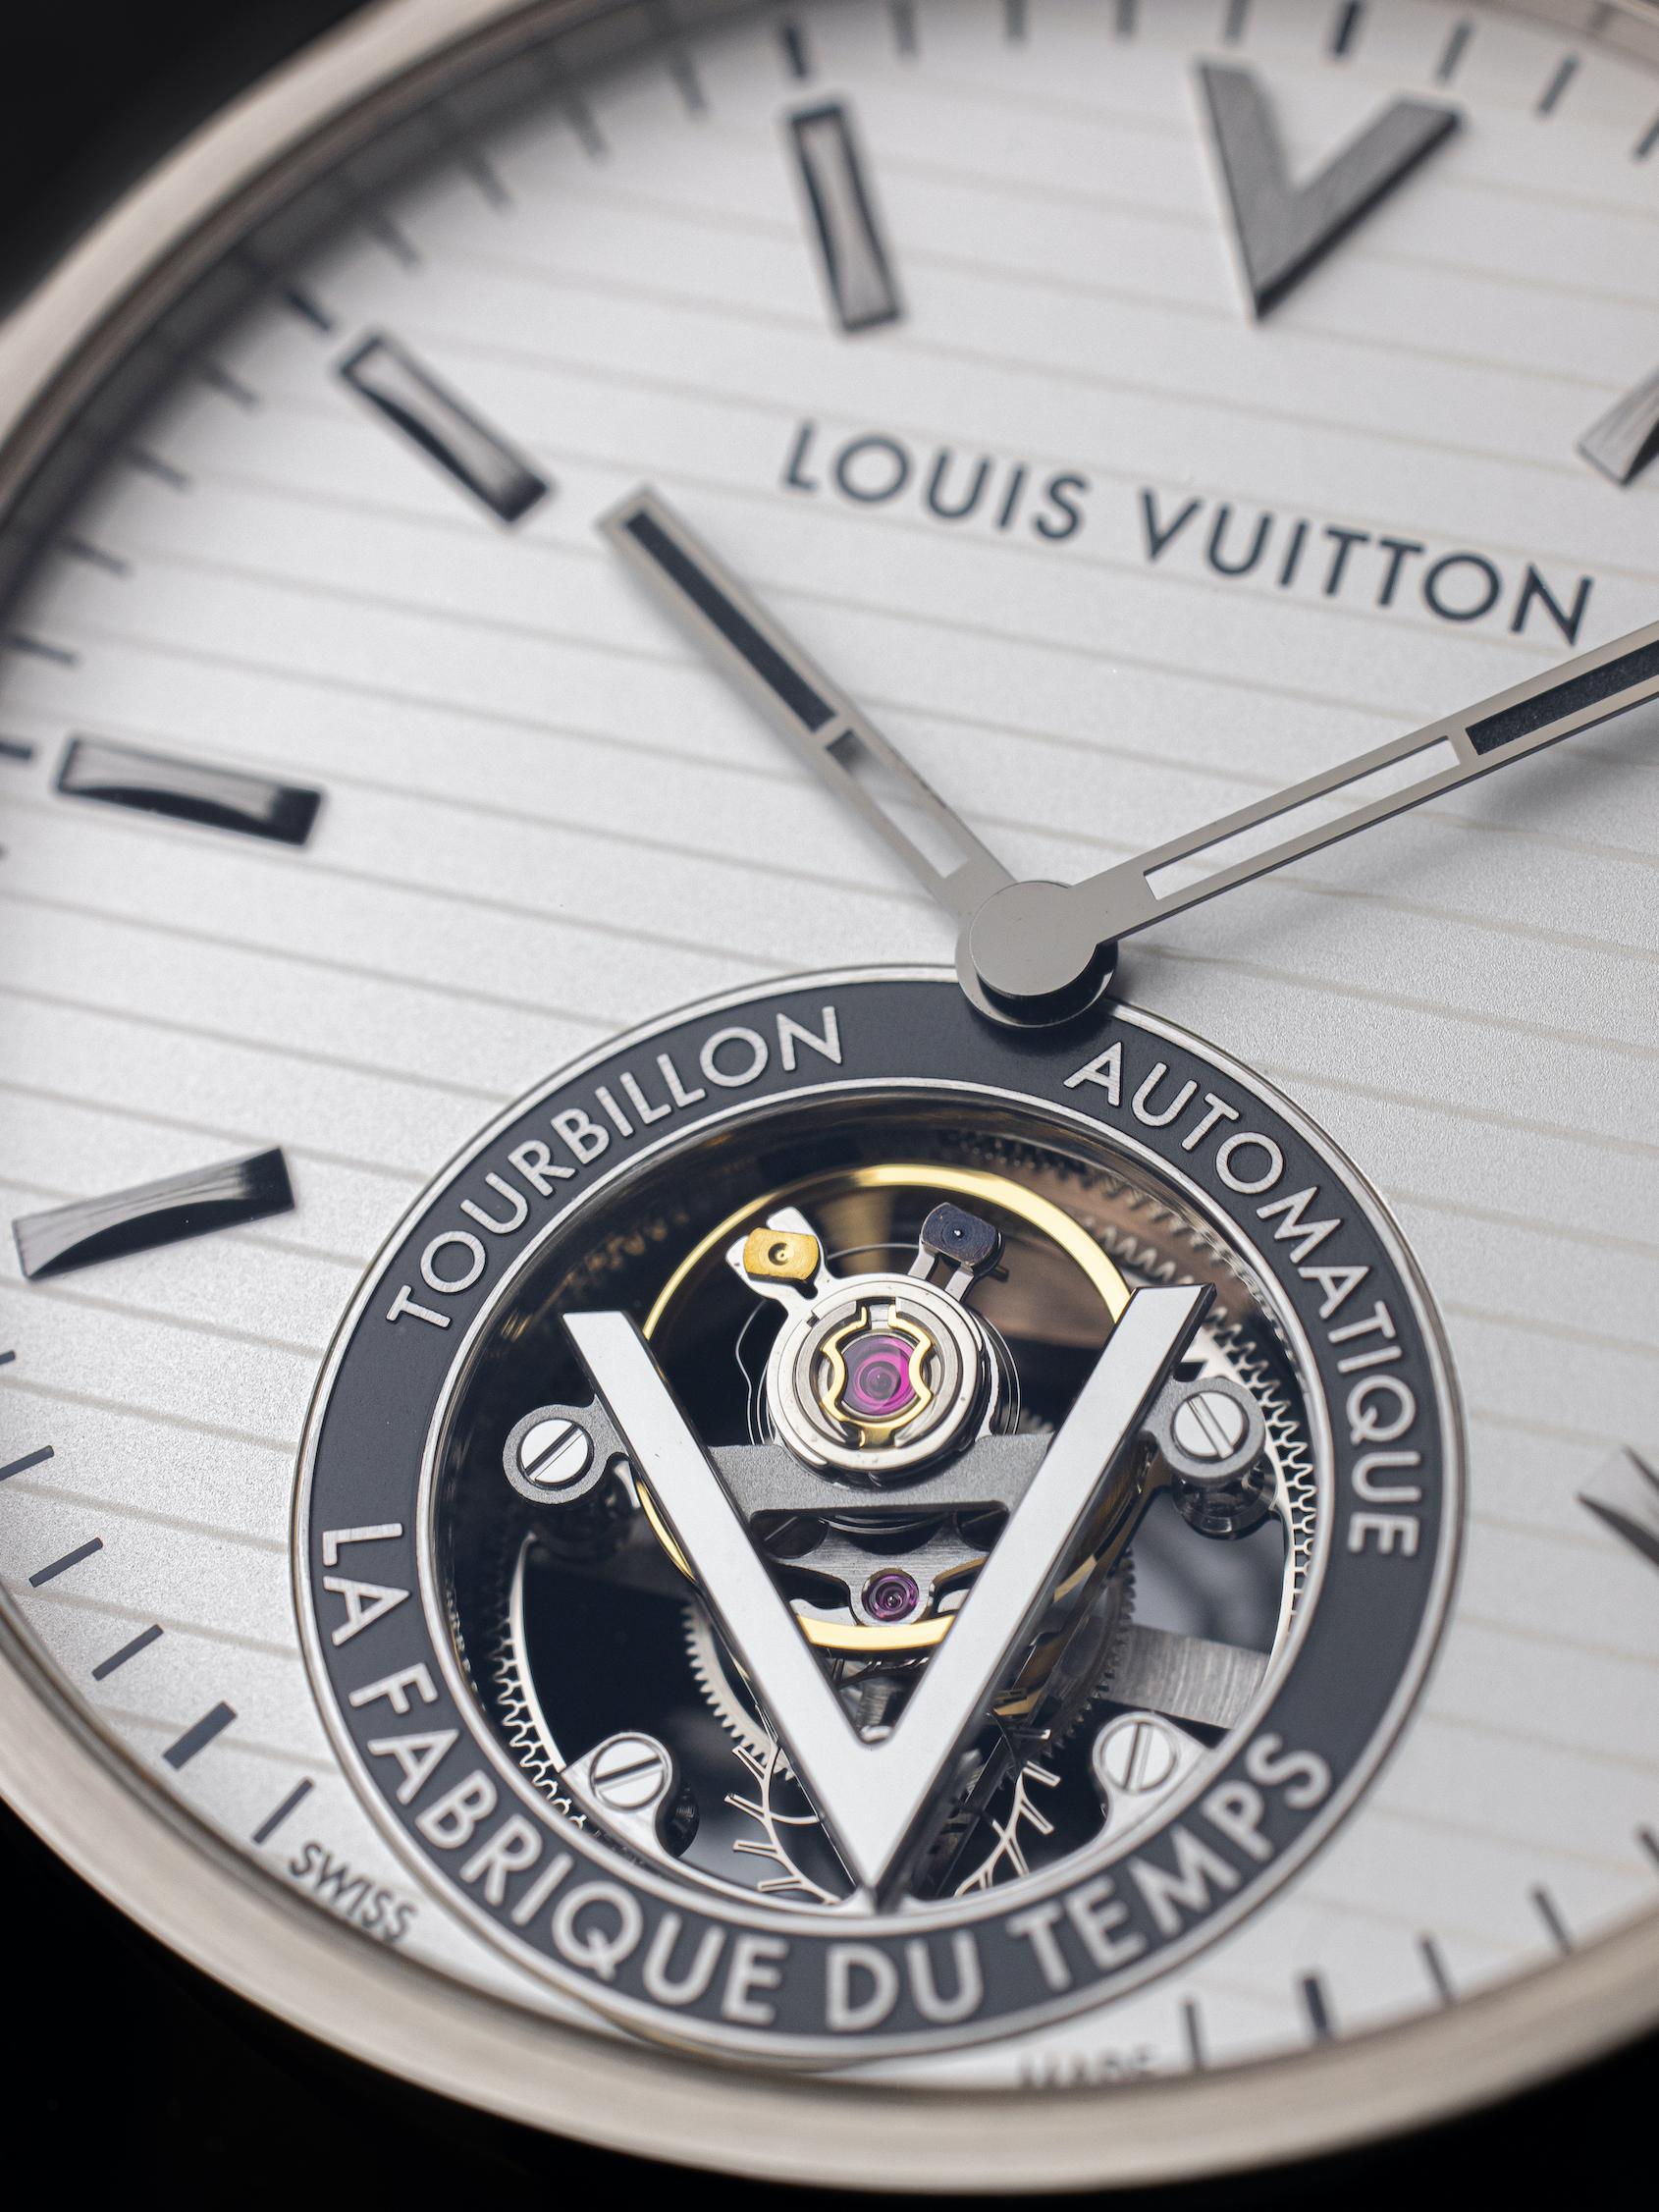 Louis Vuitton 2020 collection